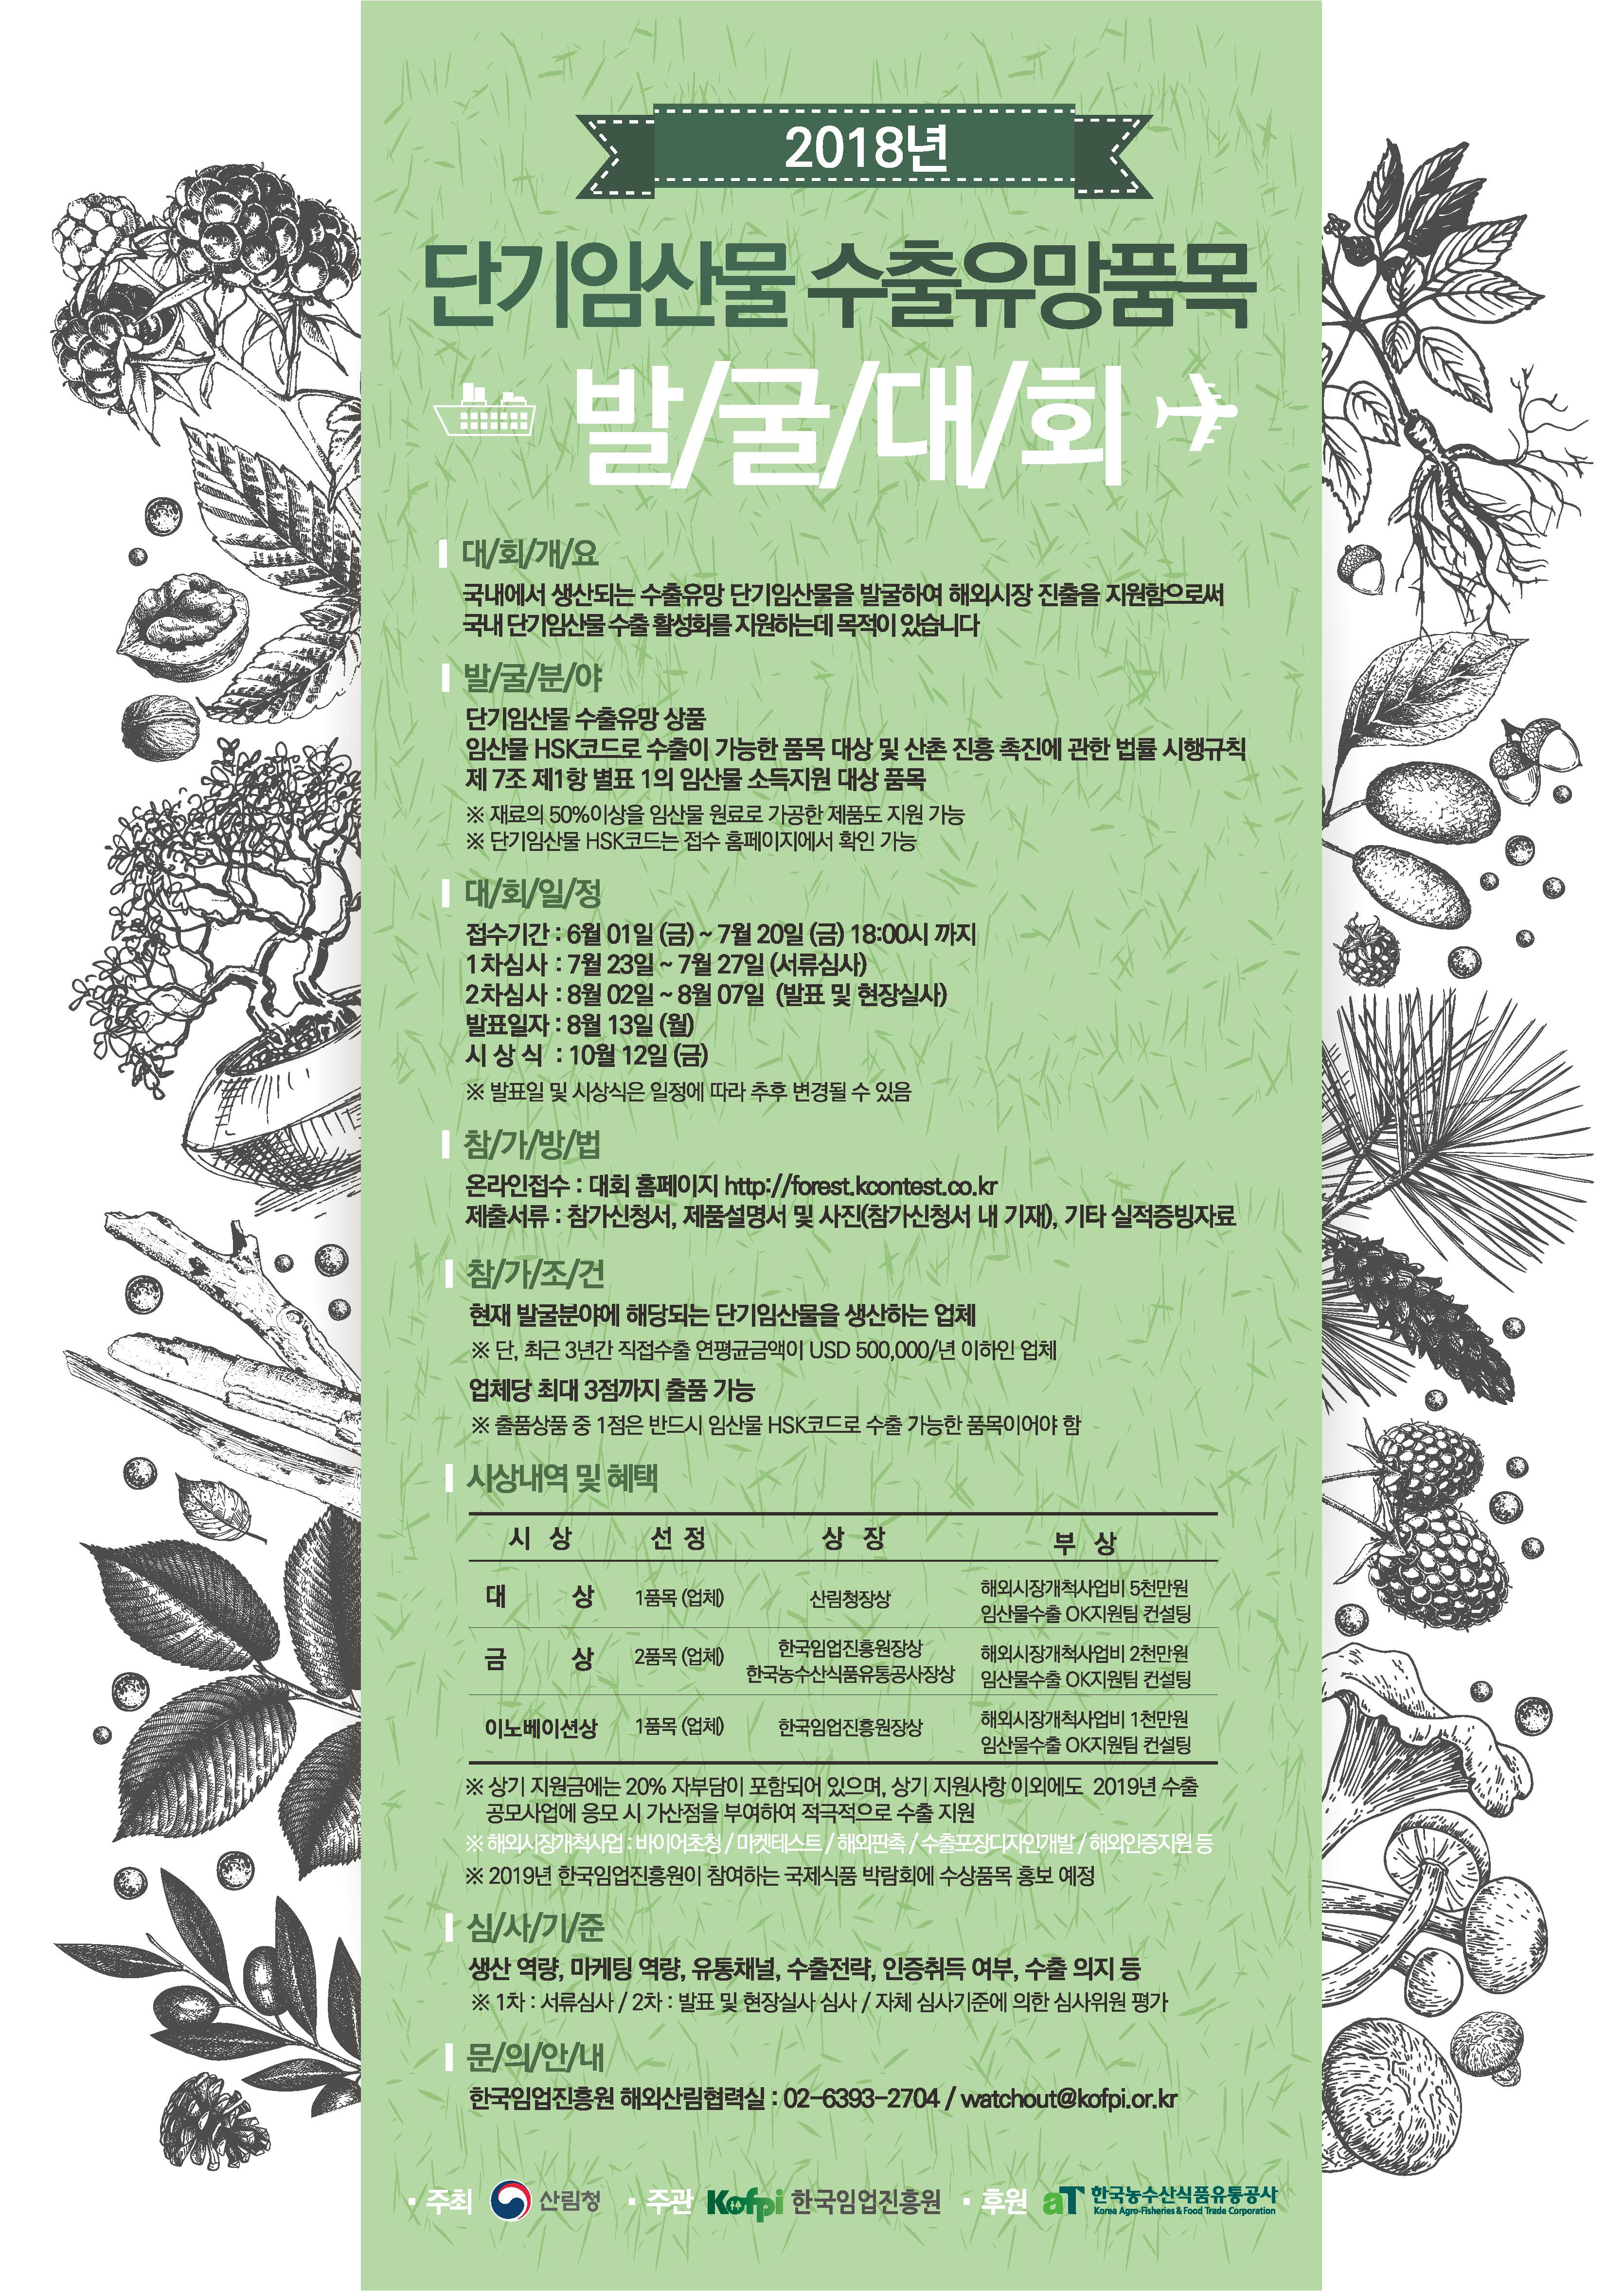 2018년 단기임산물 수출유망품목 발굴대회